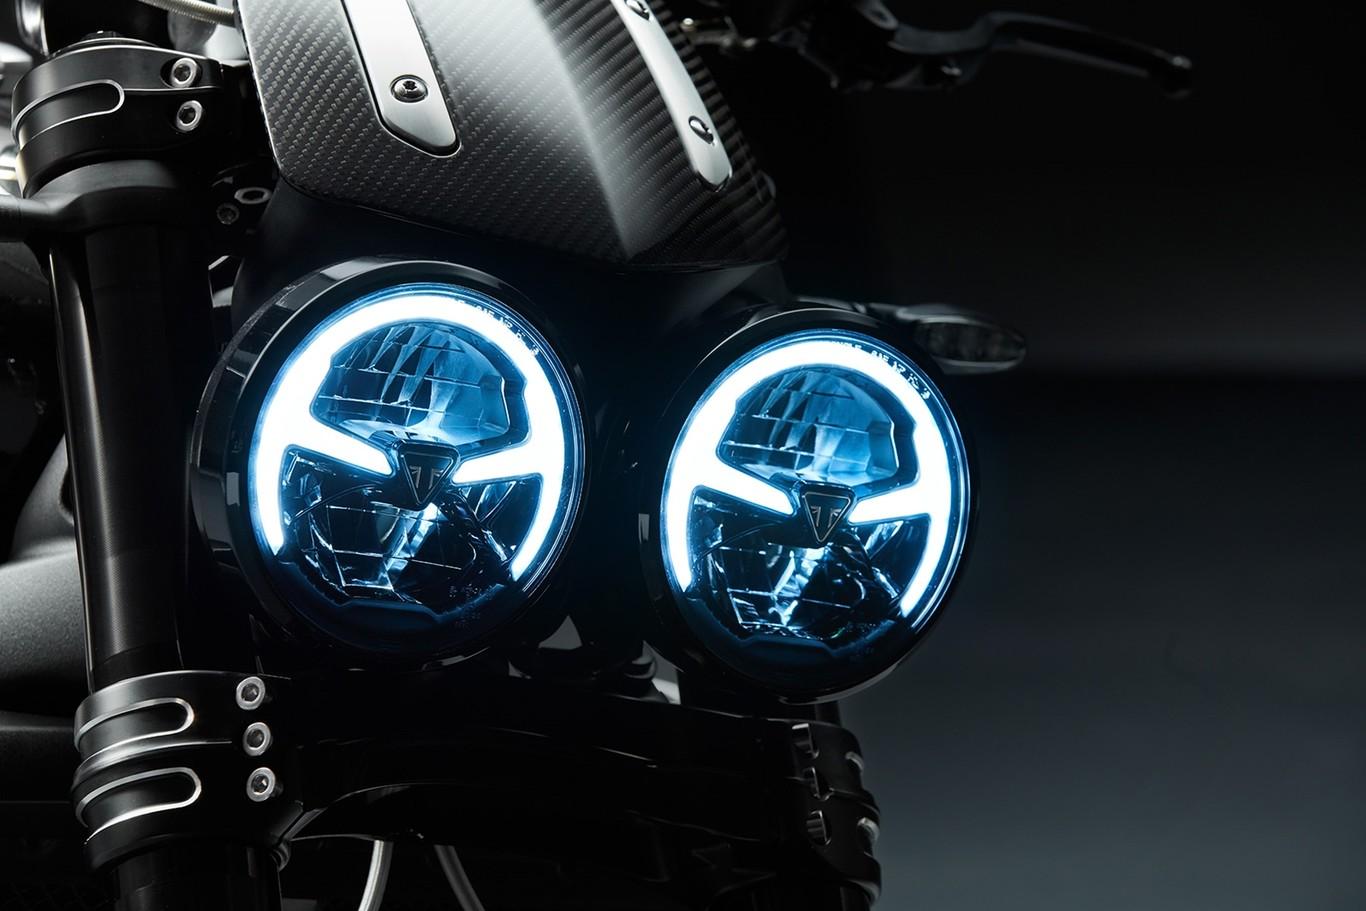 La Triumph TE-1 será la primera moto eléctrica de Triumph, y será un proyecto 100% británico